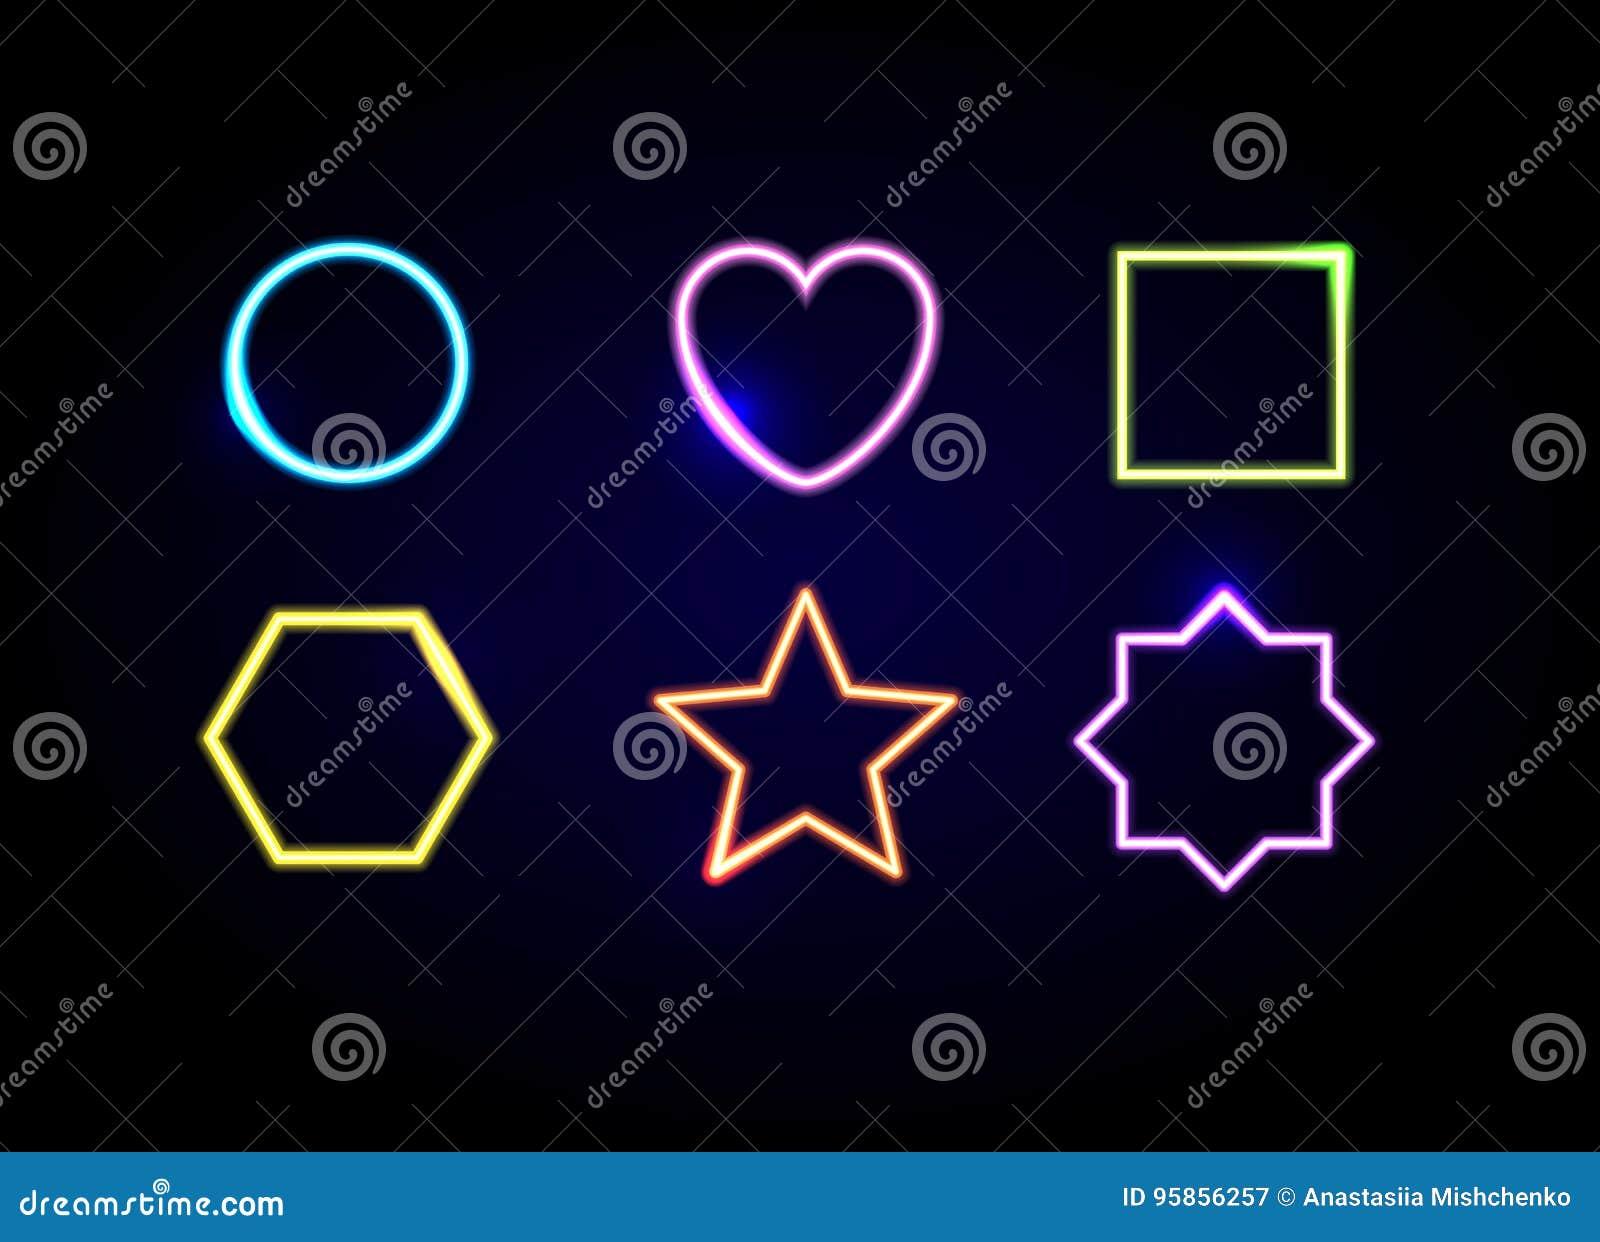 Neon formt Rahmen Glühende Kreis-, Herz-, Quadrat-, Hexagon-, Stern- und Polygonsymbole